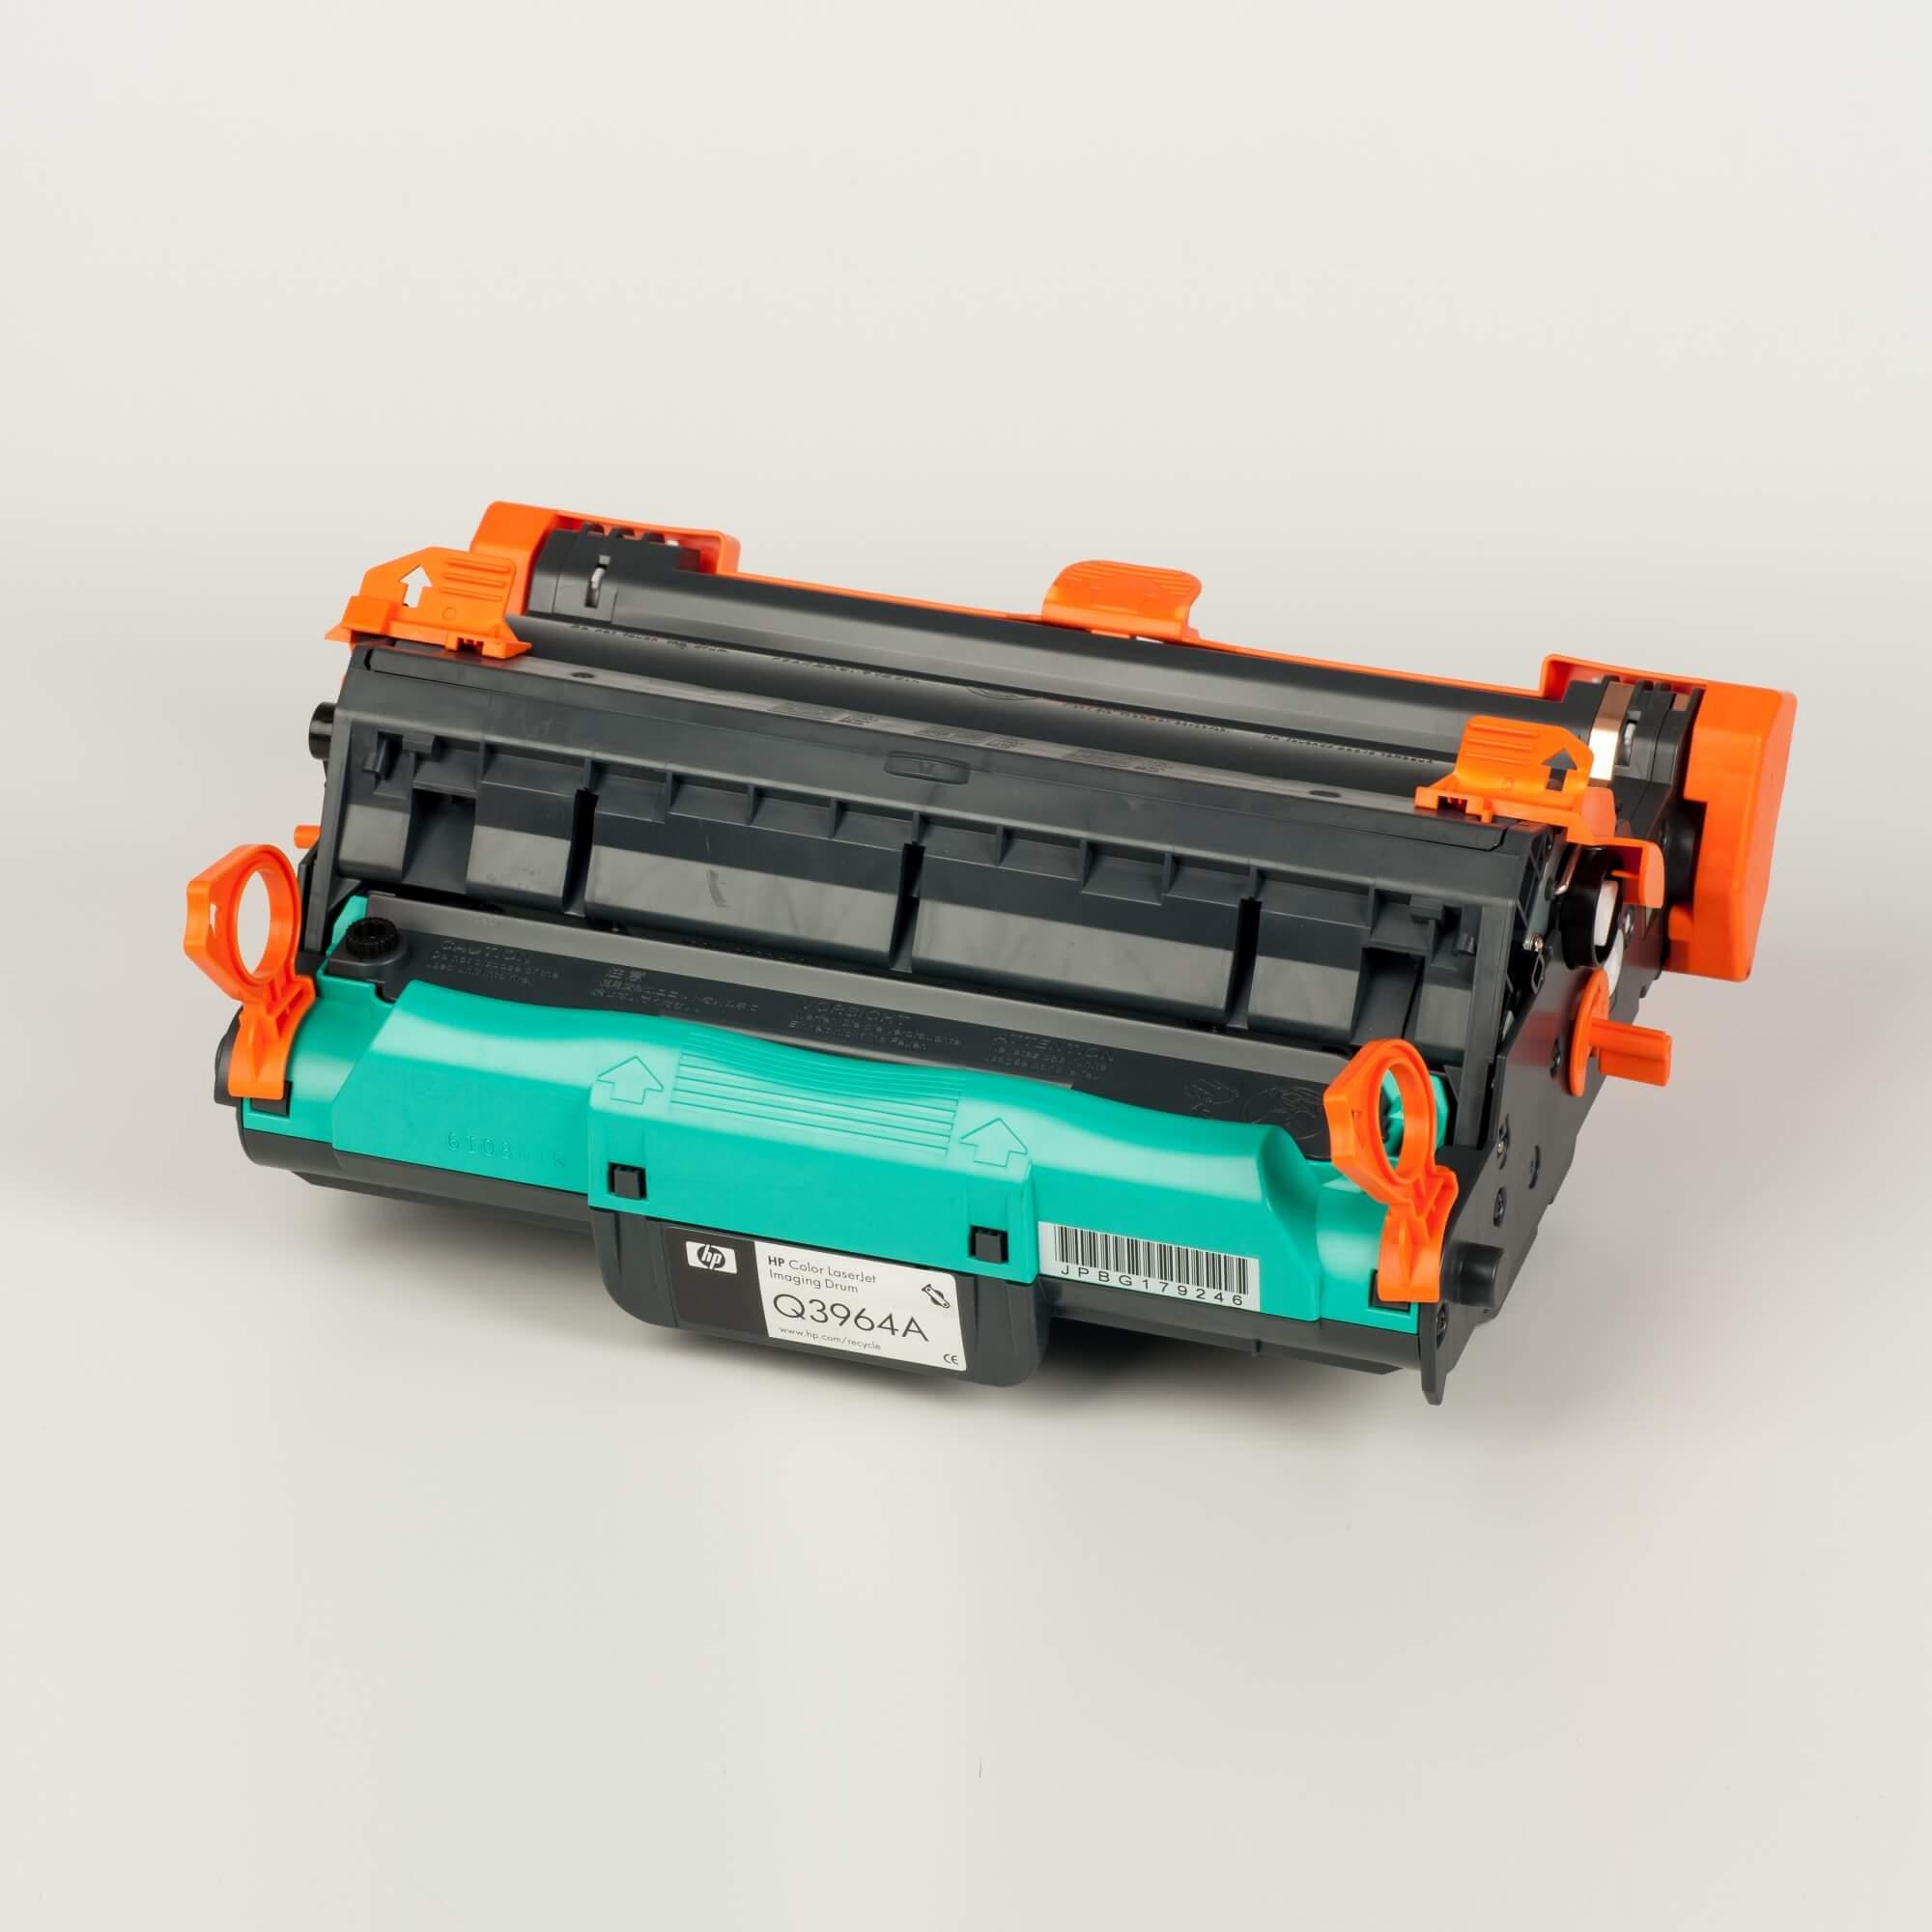 Auf dem Bild sehen Sie eine HP Q3964A Druckwalzen-Kit